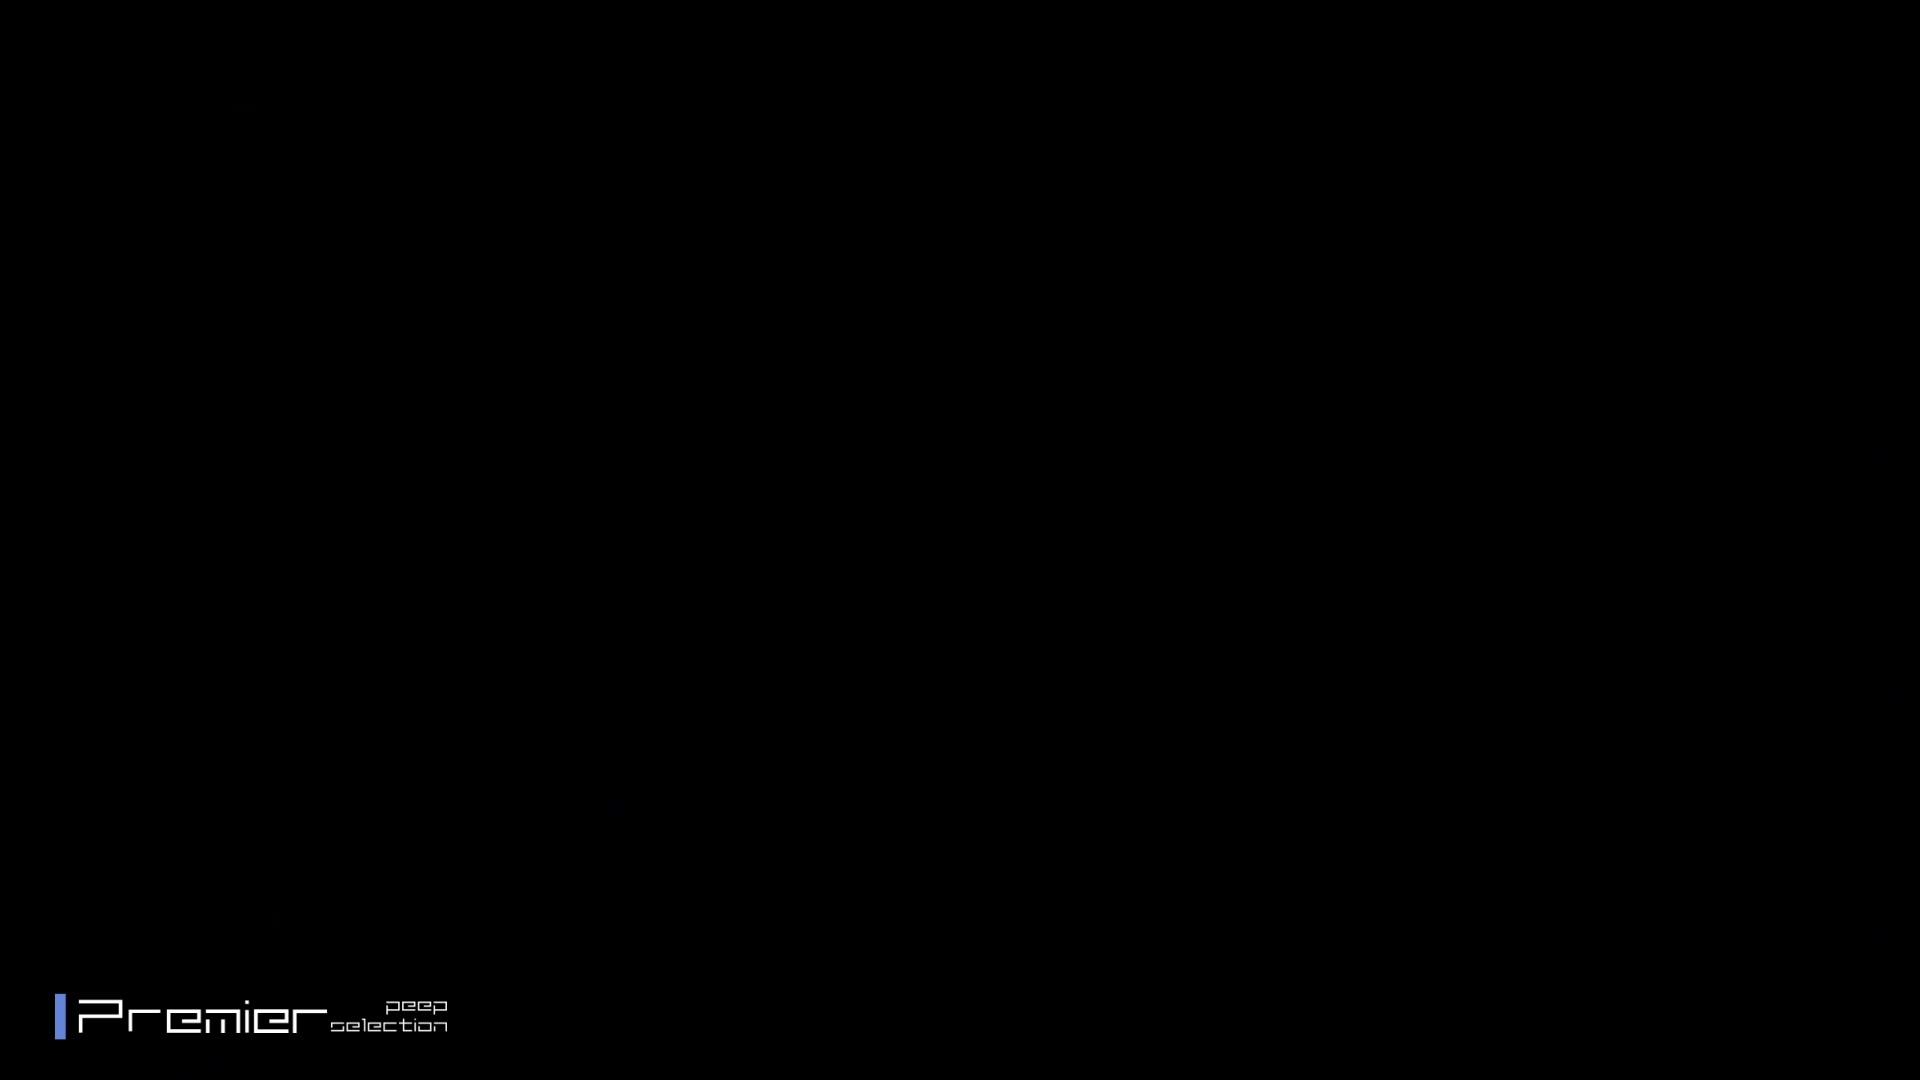 高画質フルハイビジョン スレンダー美女の入浴 乙女の風呂場 Vol.04 高評価 すけべAV動画紹介 76枚 53